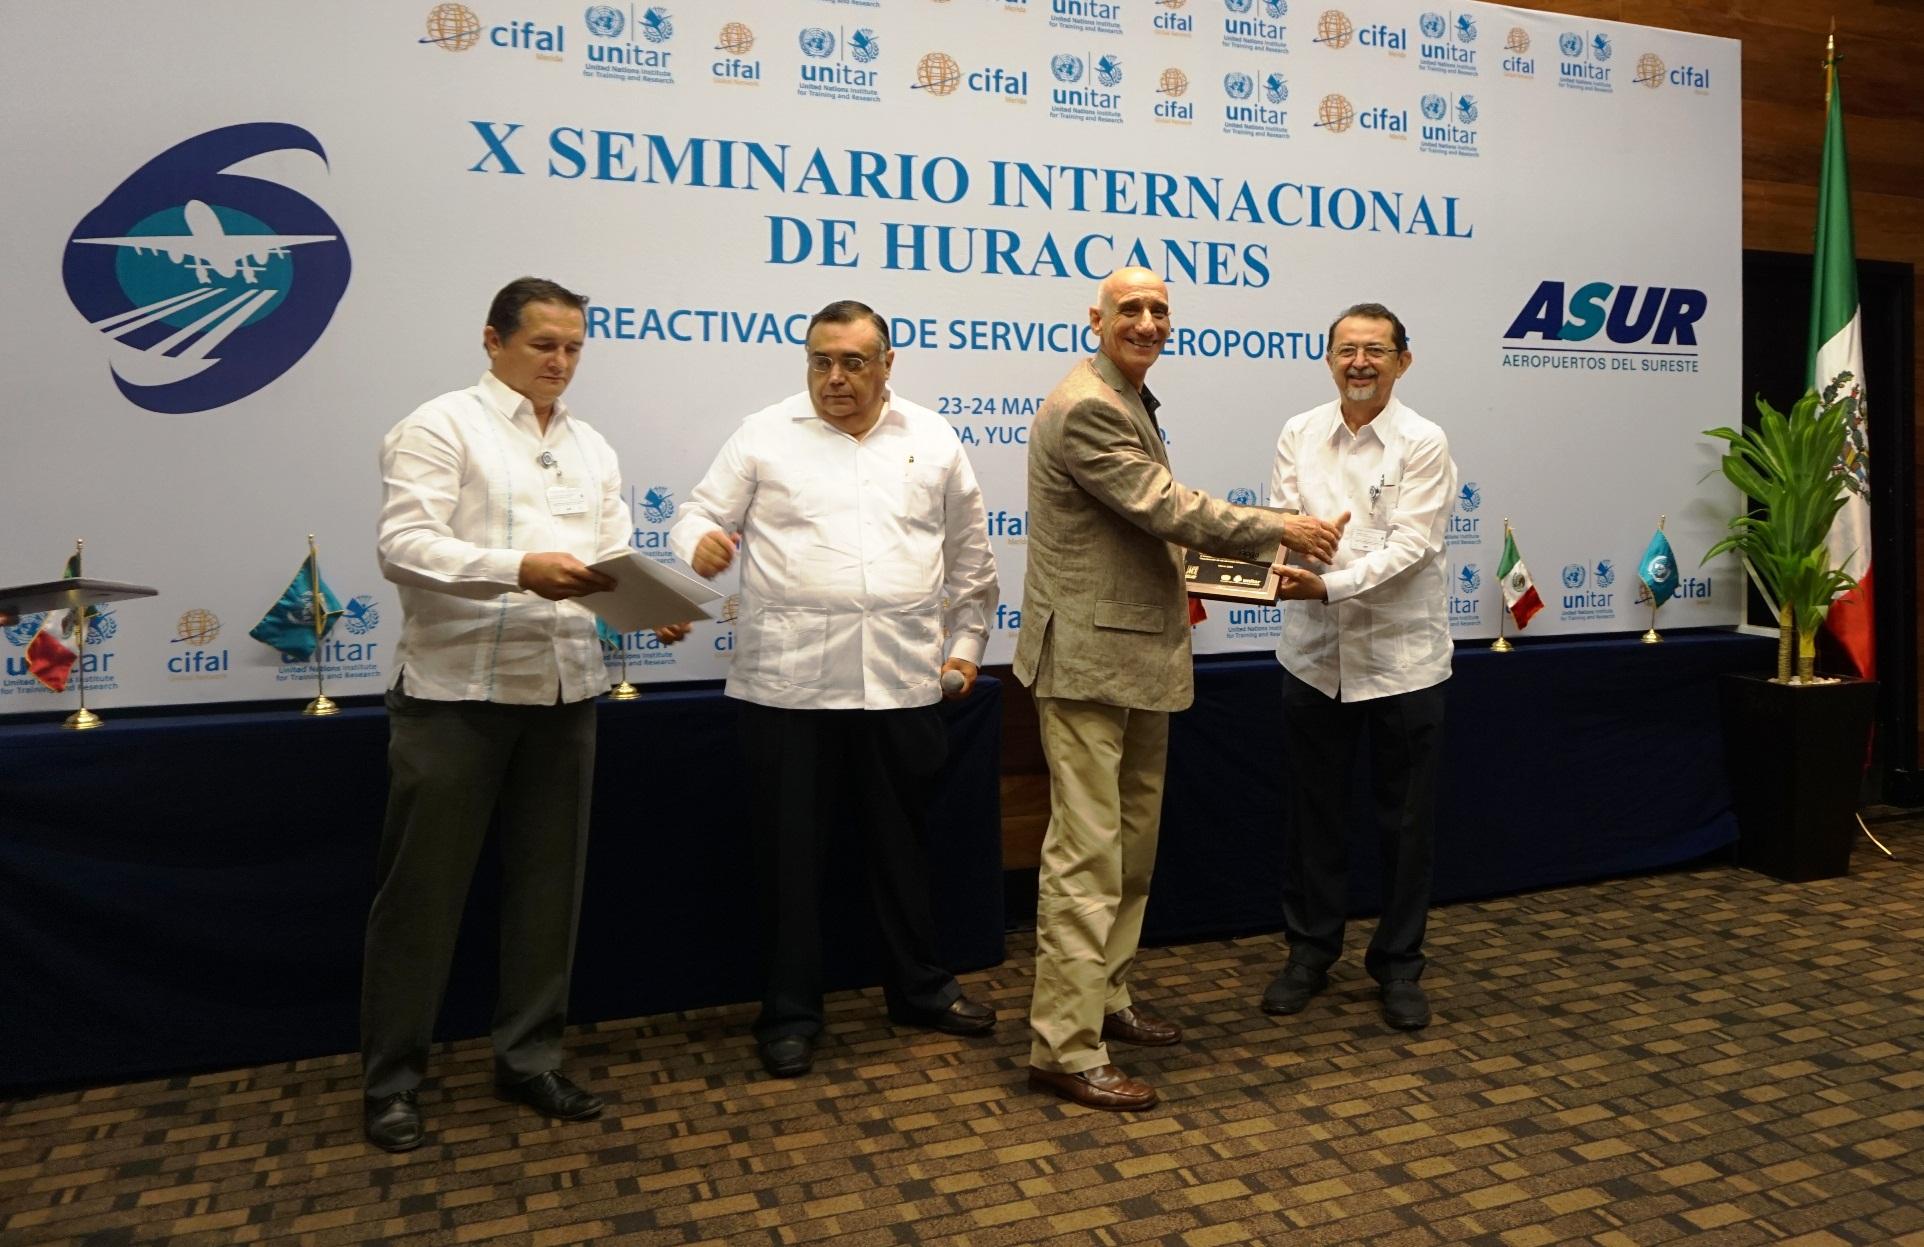 Huracanes 2015 - 29.JPG